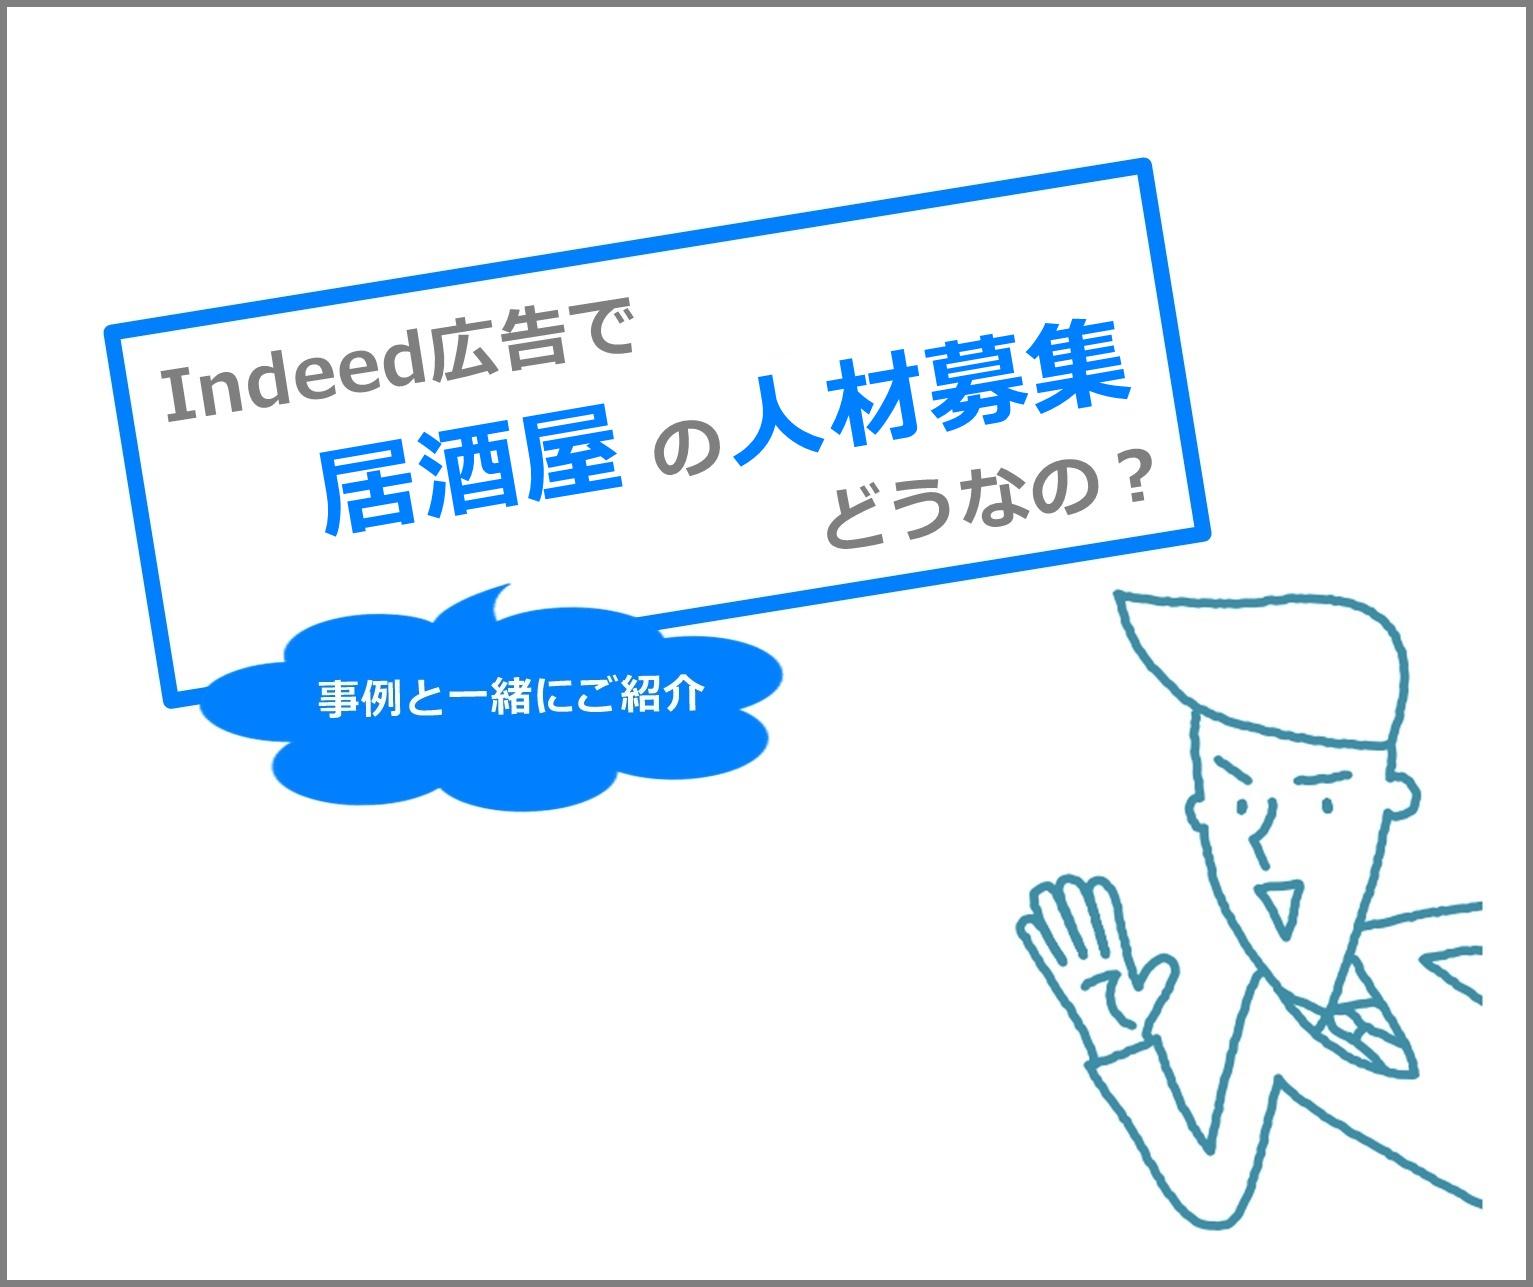 indeed-izakaya-kyujin